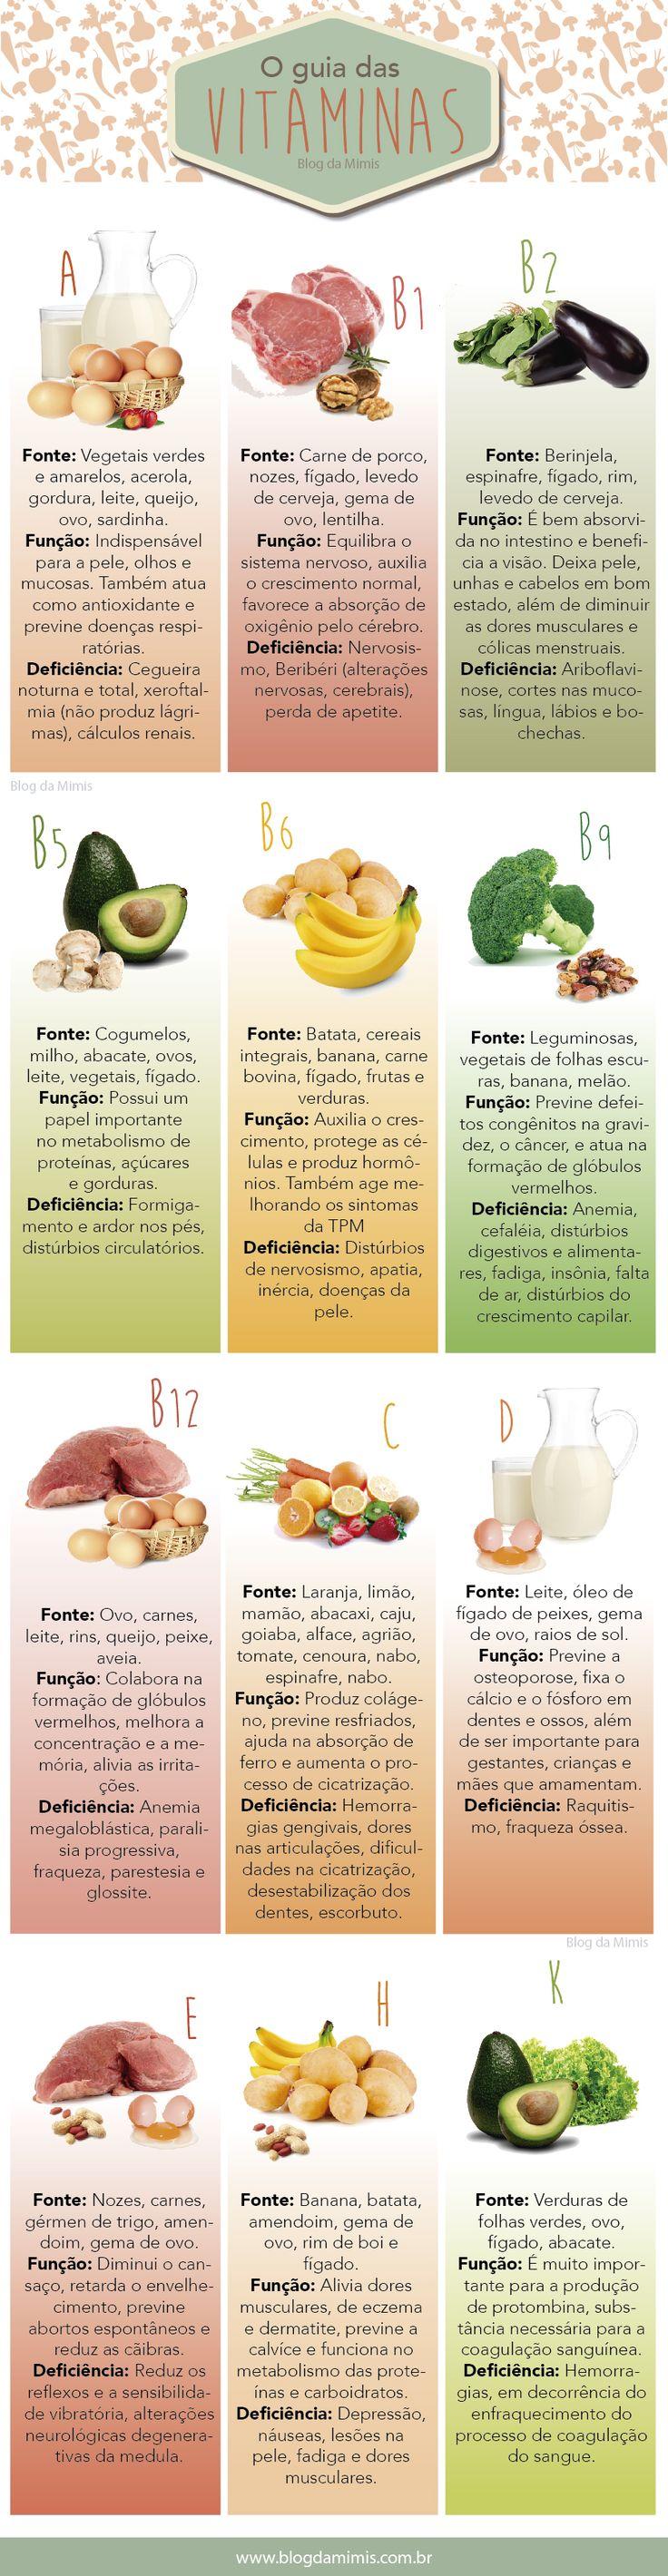 vitaminas-blog-da-mimis-michelle-franzoni-01